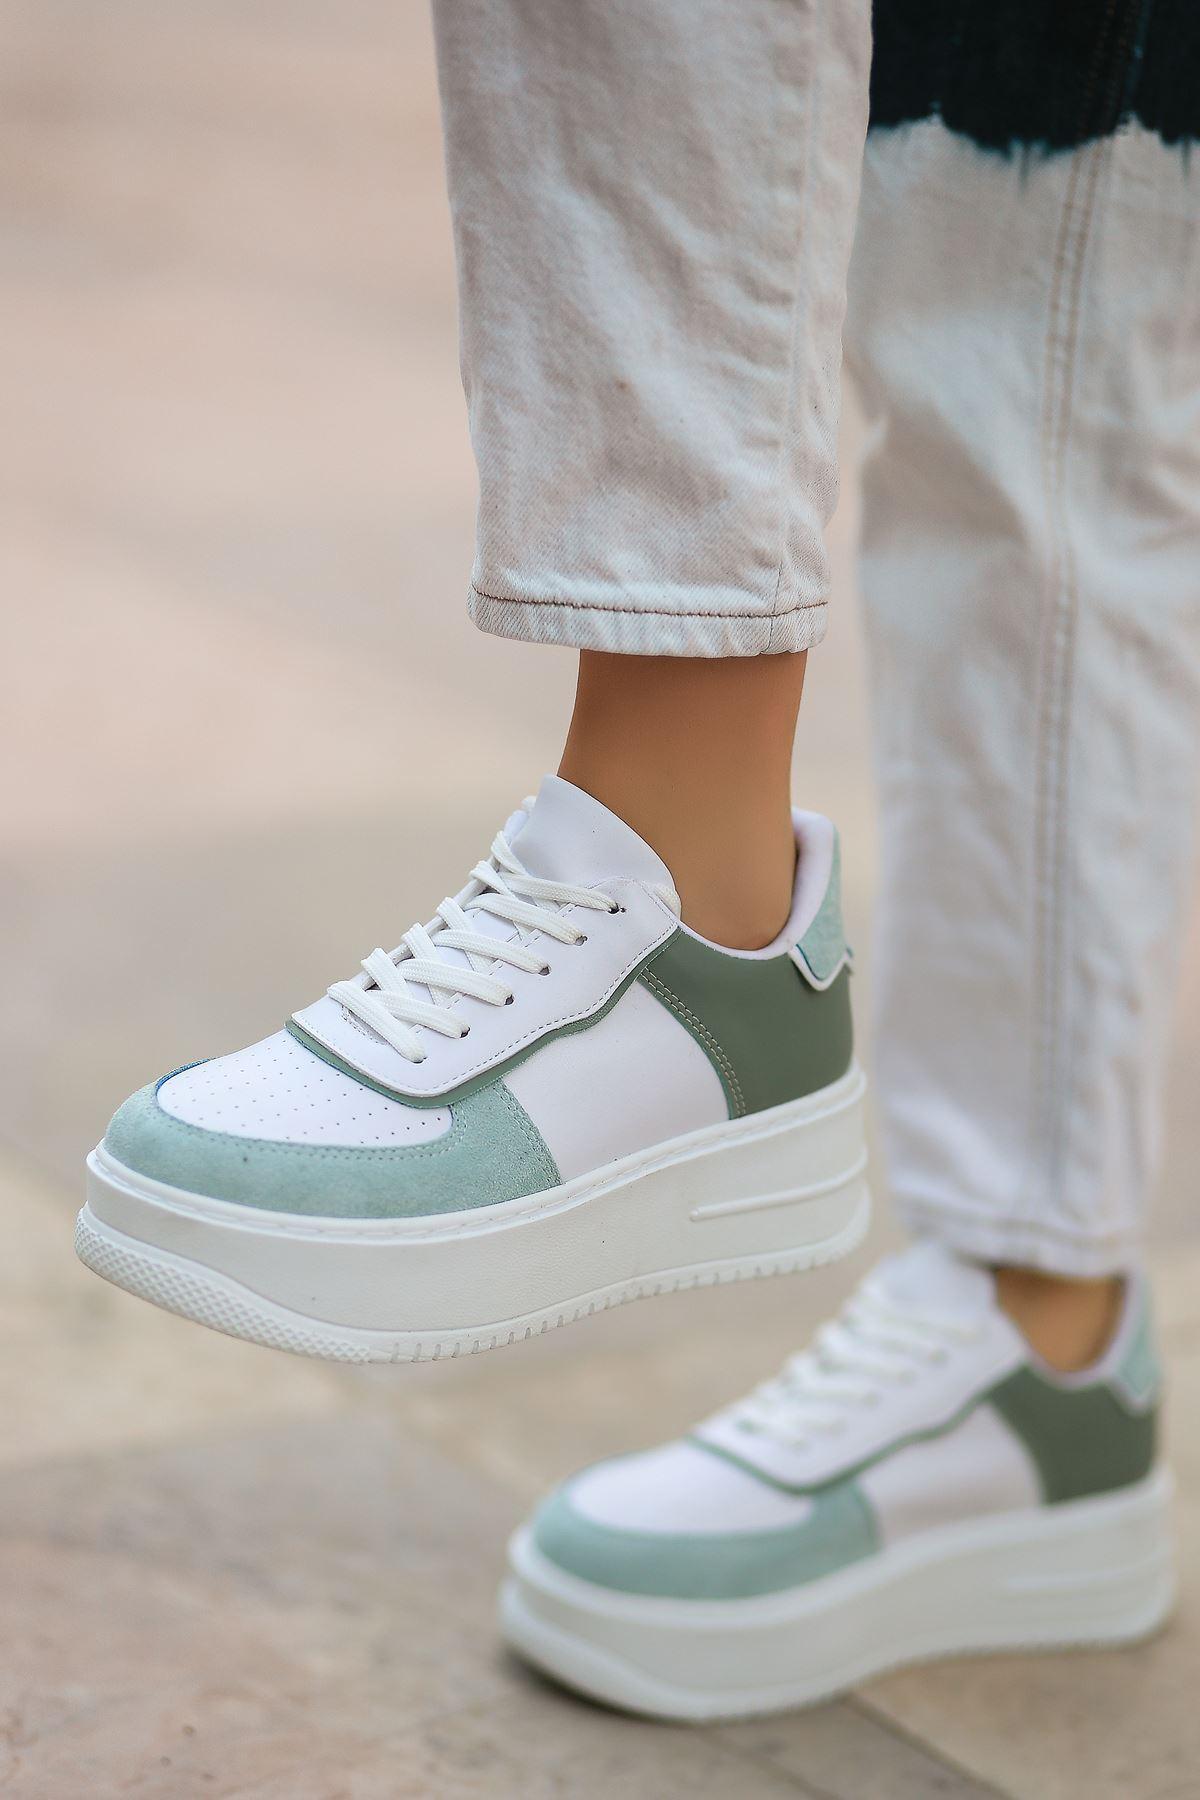 Rms Mat Deri Bağıcıklı Kadın Spor Ayakkabı Yeşil